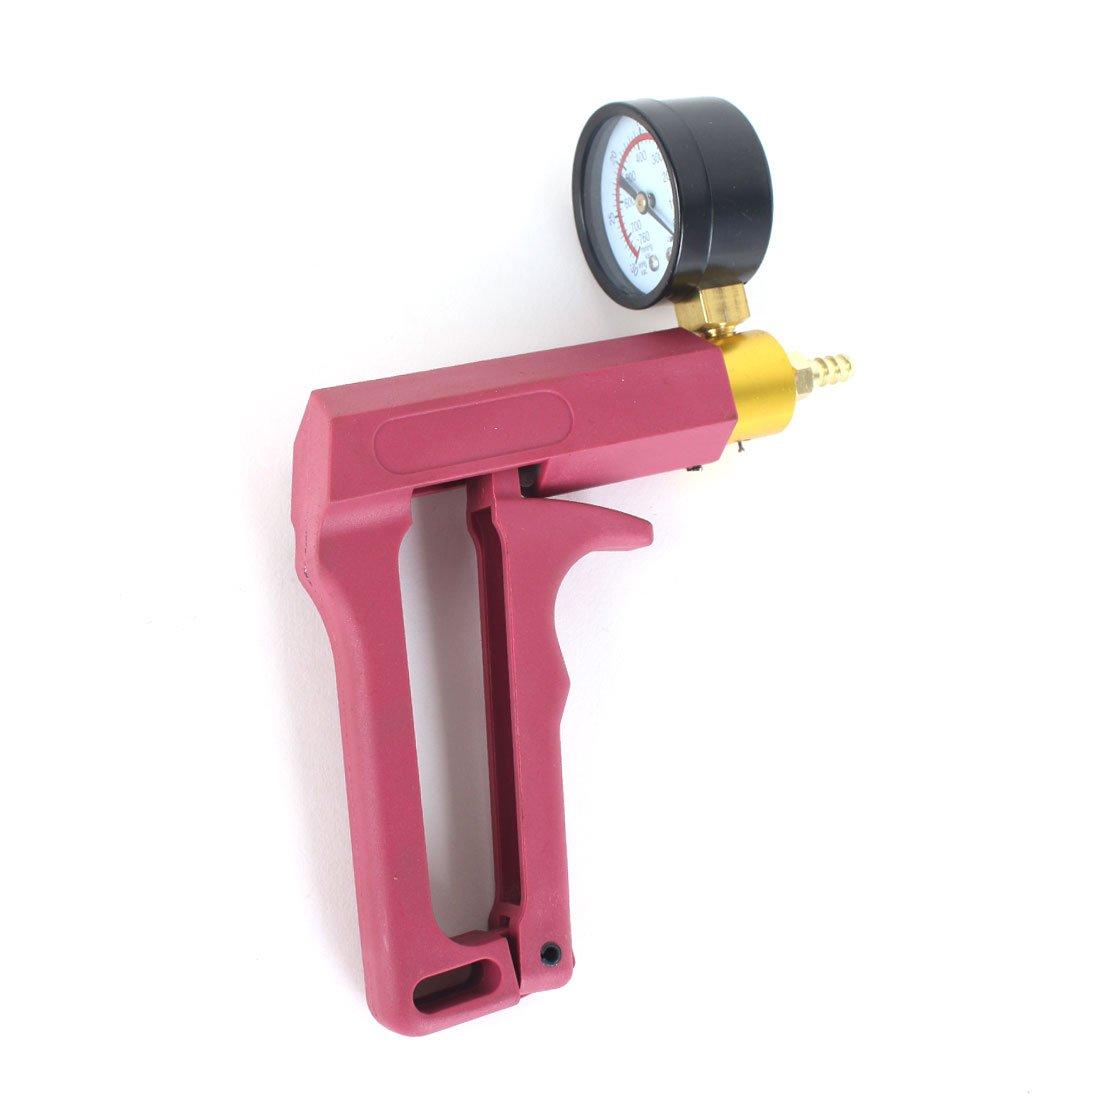 13PC Hand Held Vacuum Pressure Pump Tester Kit Brake Fluid Bleeder Car Motorbike Bleeding Set by Copap (Image #3)